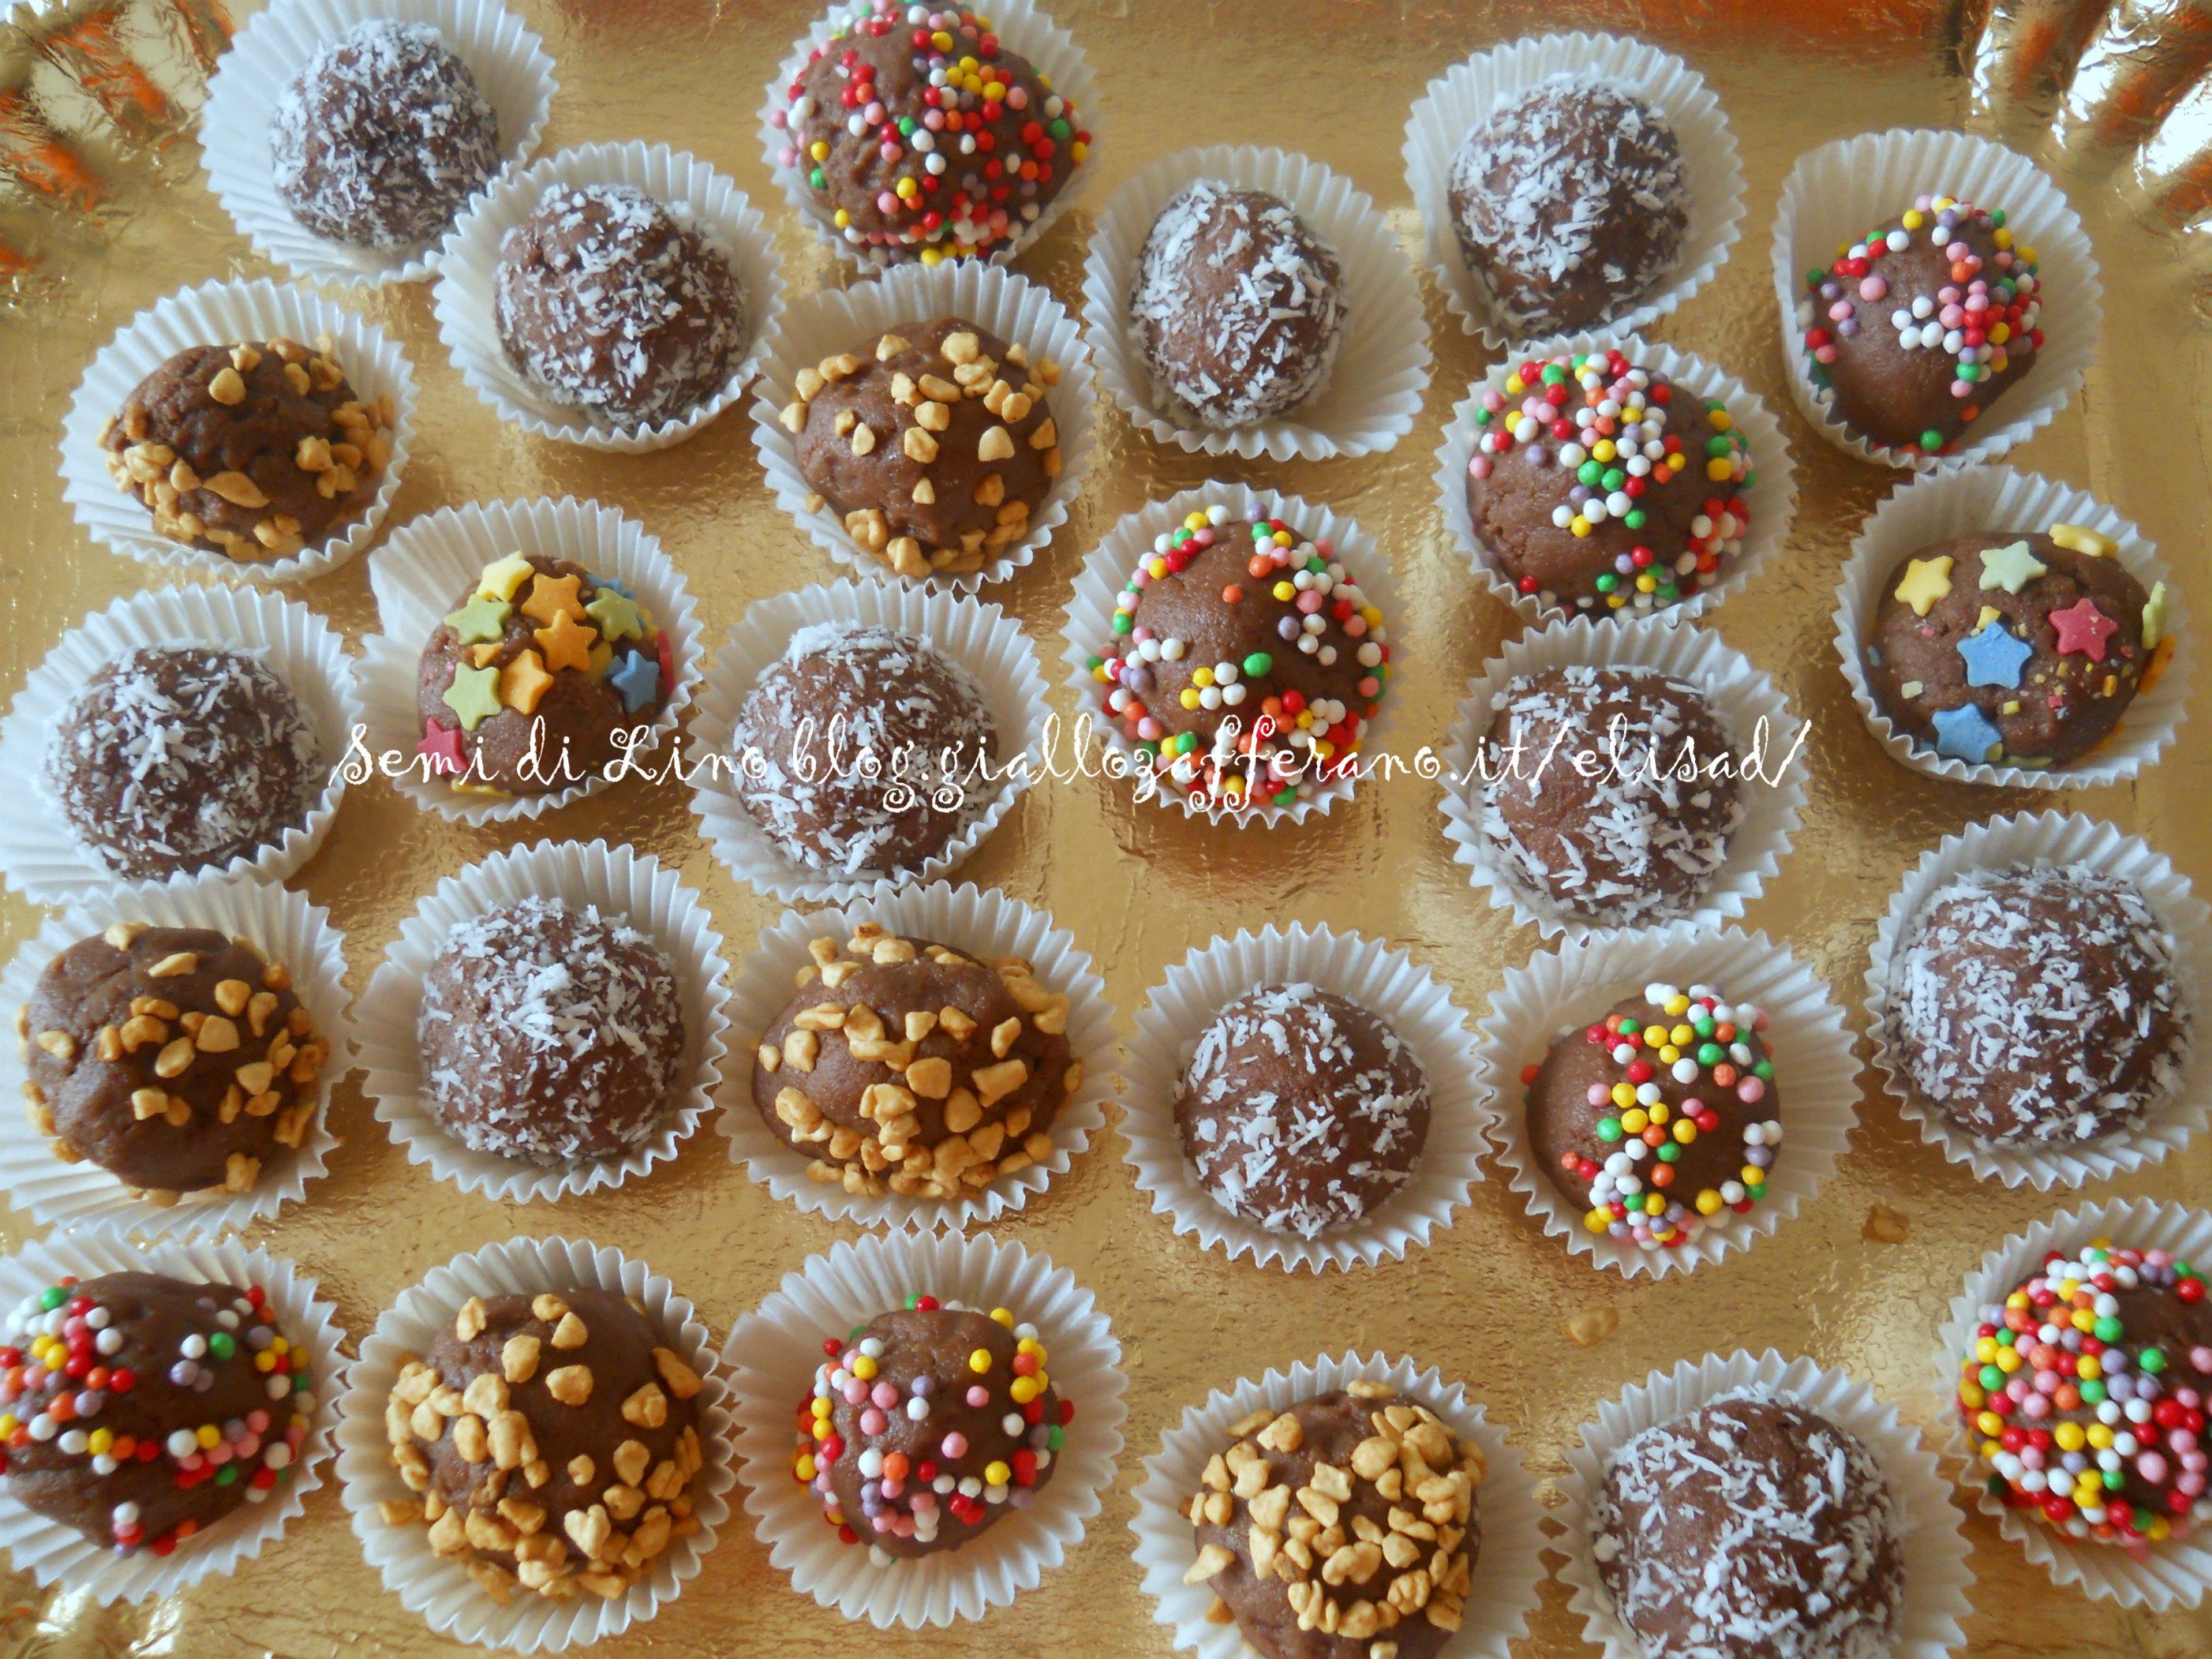 Favorito Cake Pops - Ricetta festa di compleanno | Semi di lino DR73